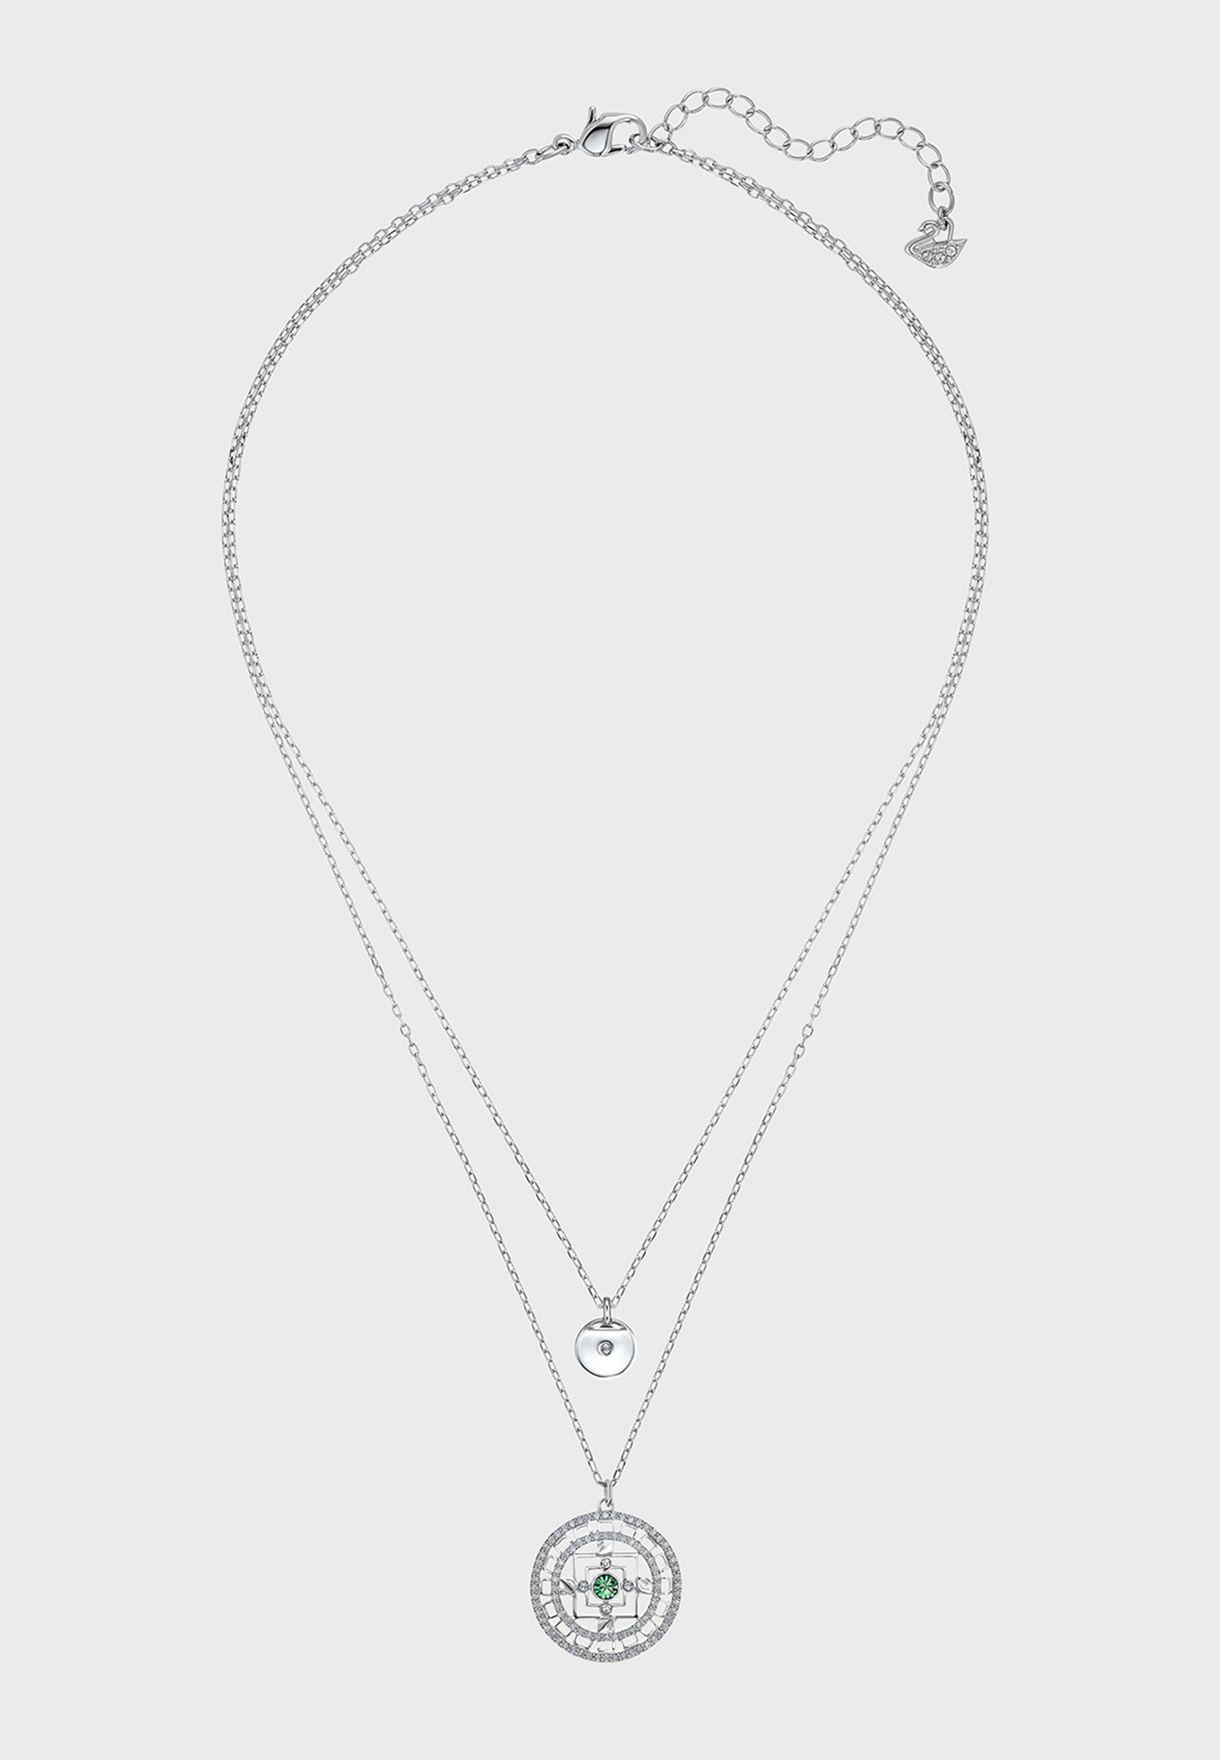 Mandala Pendant Layered Necklace